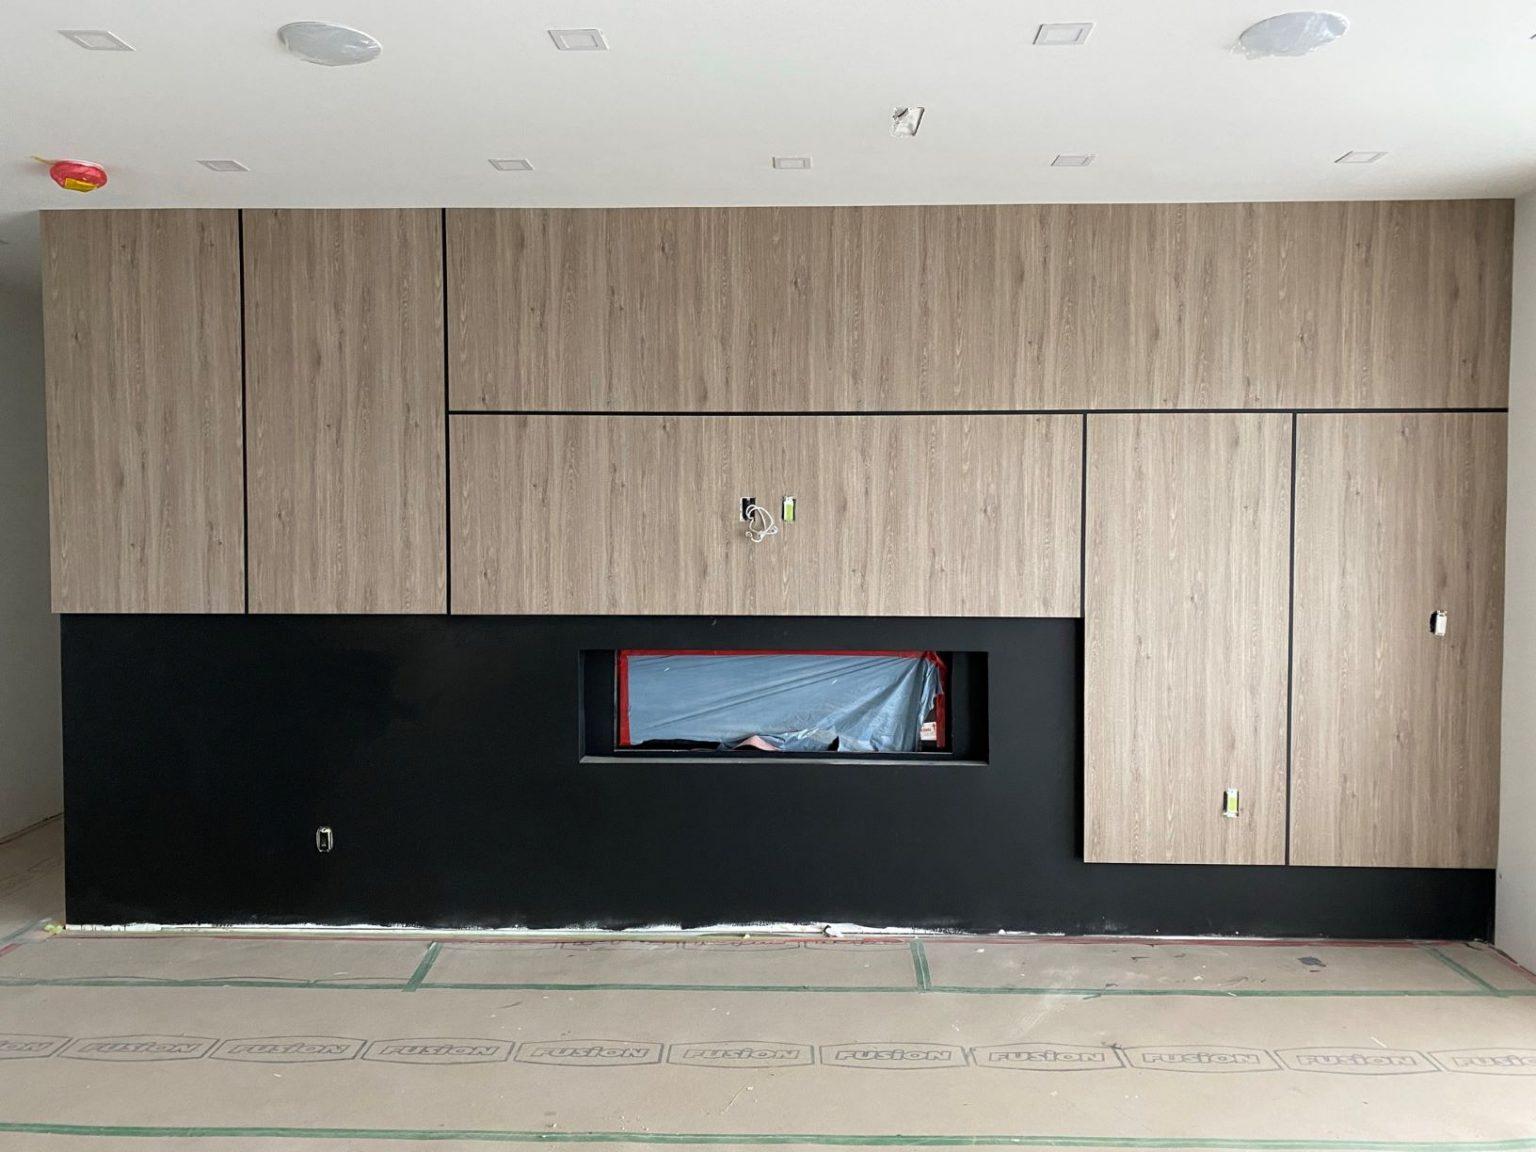 Wood refinished panels